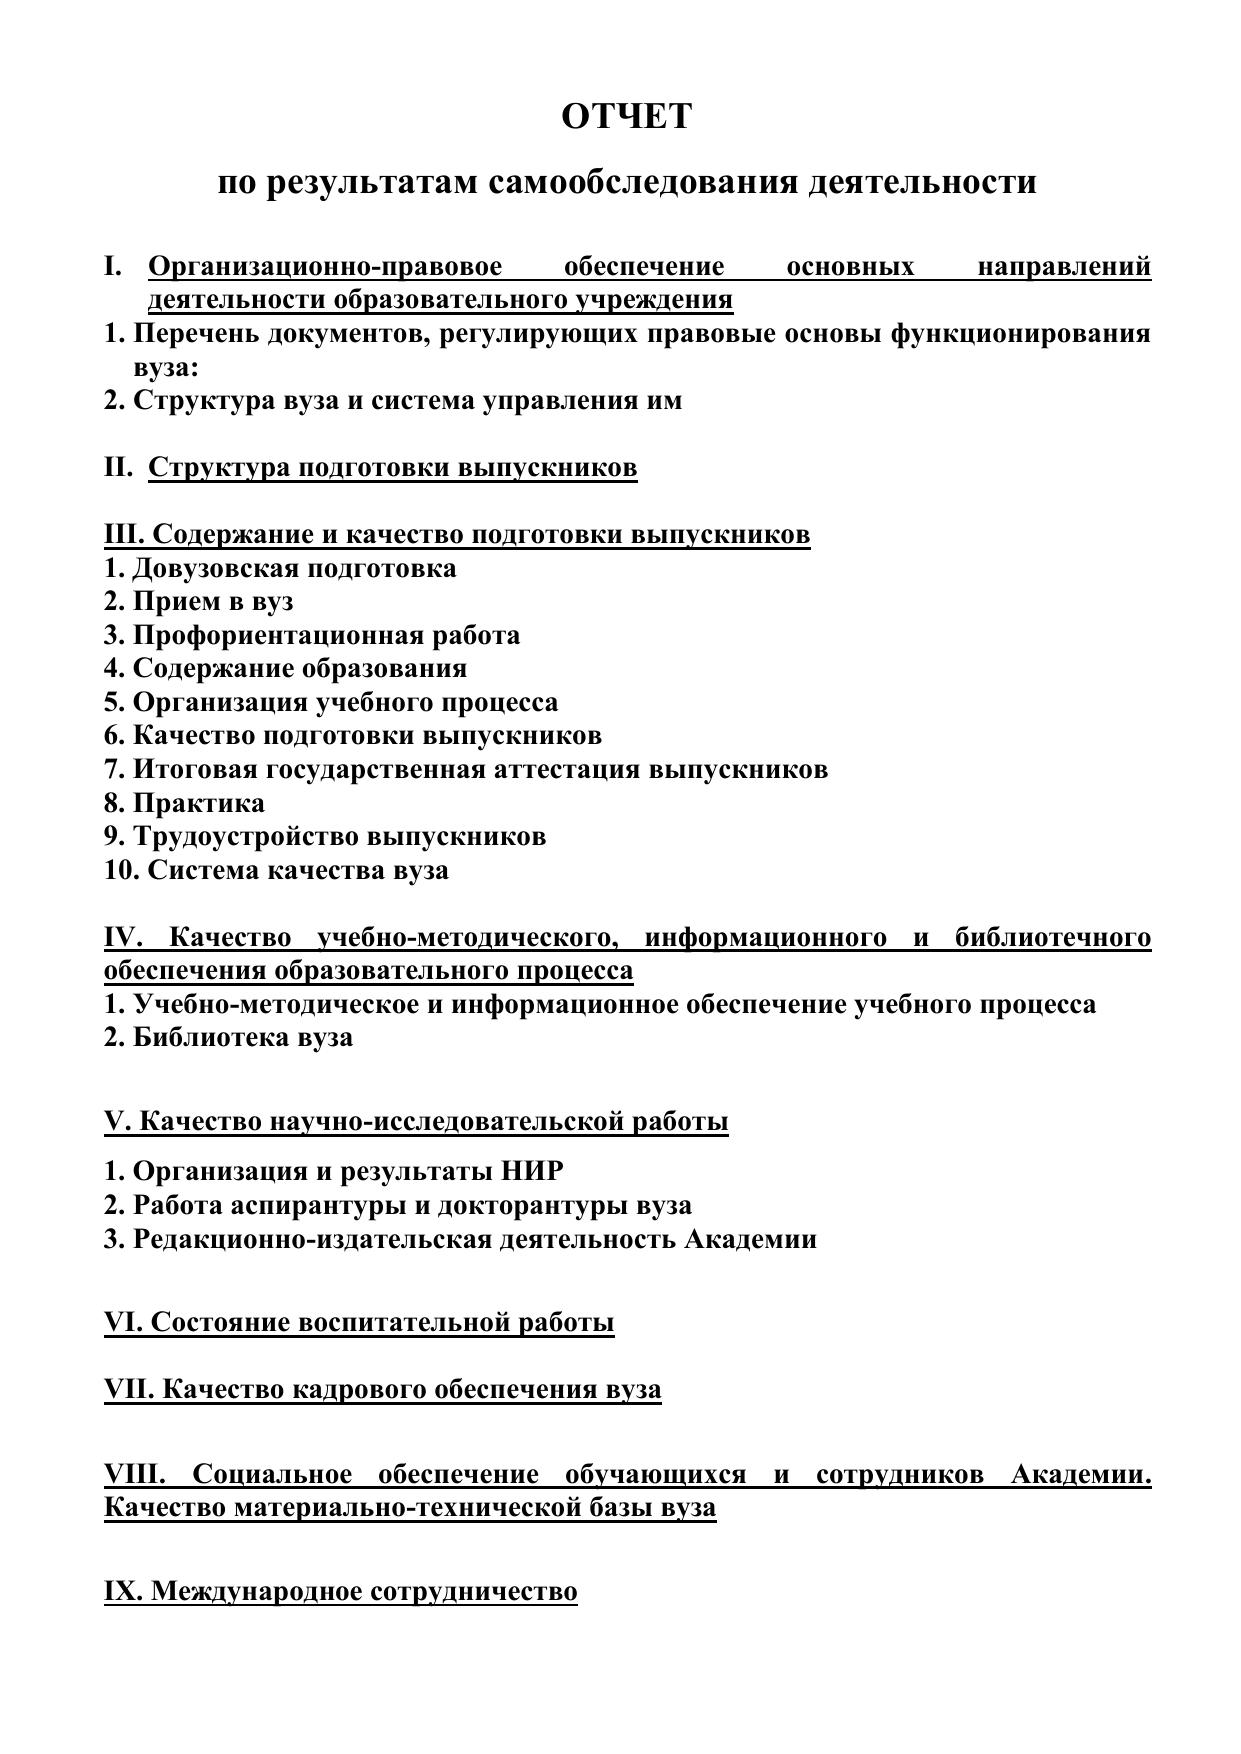 Главная - сайт помощи психологам и студентам